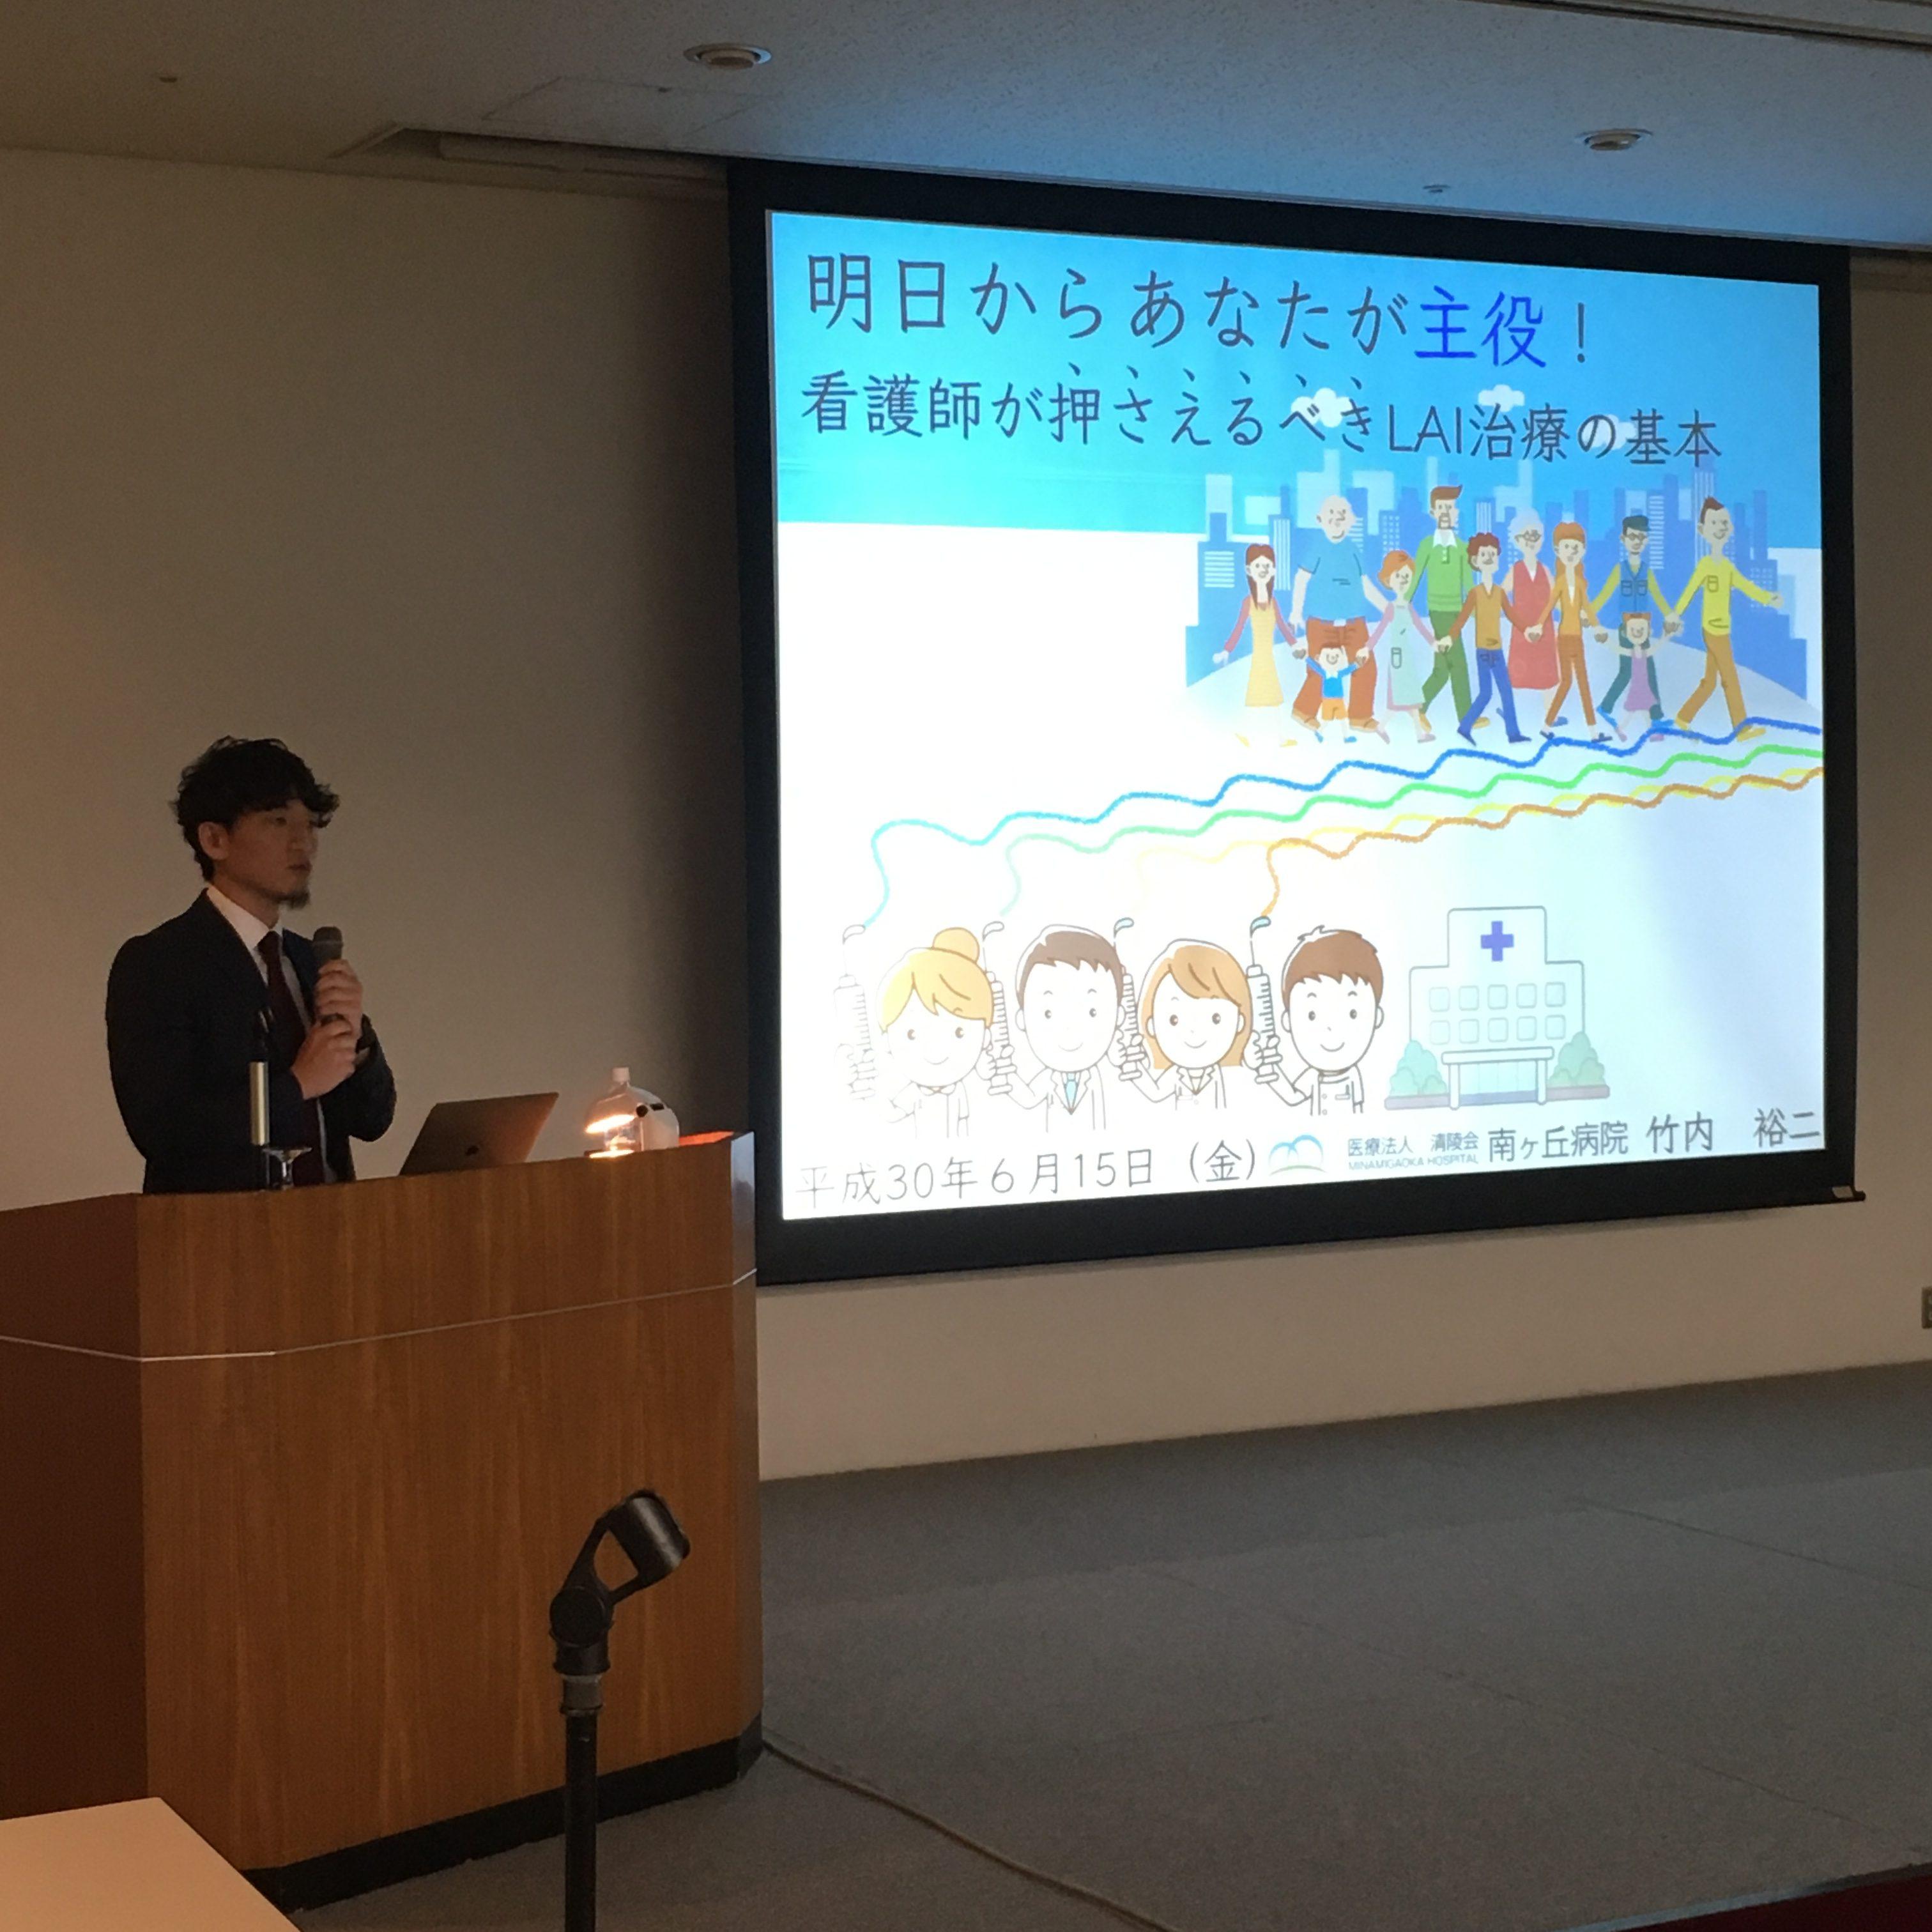 第43回日本精神科看護学術集会  ランチョンセミナー